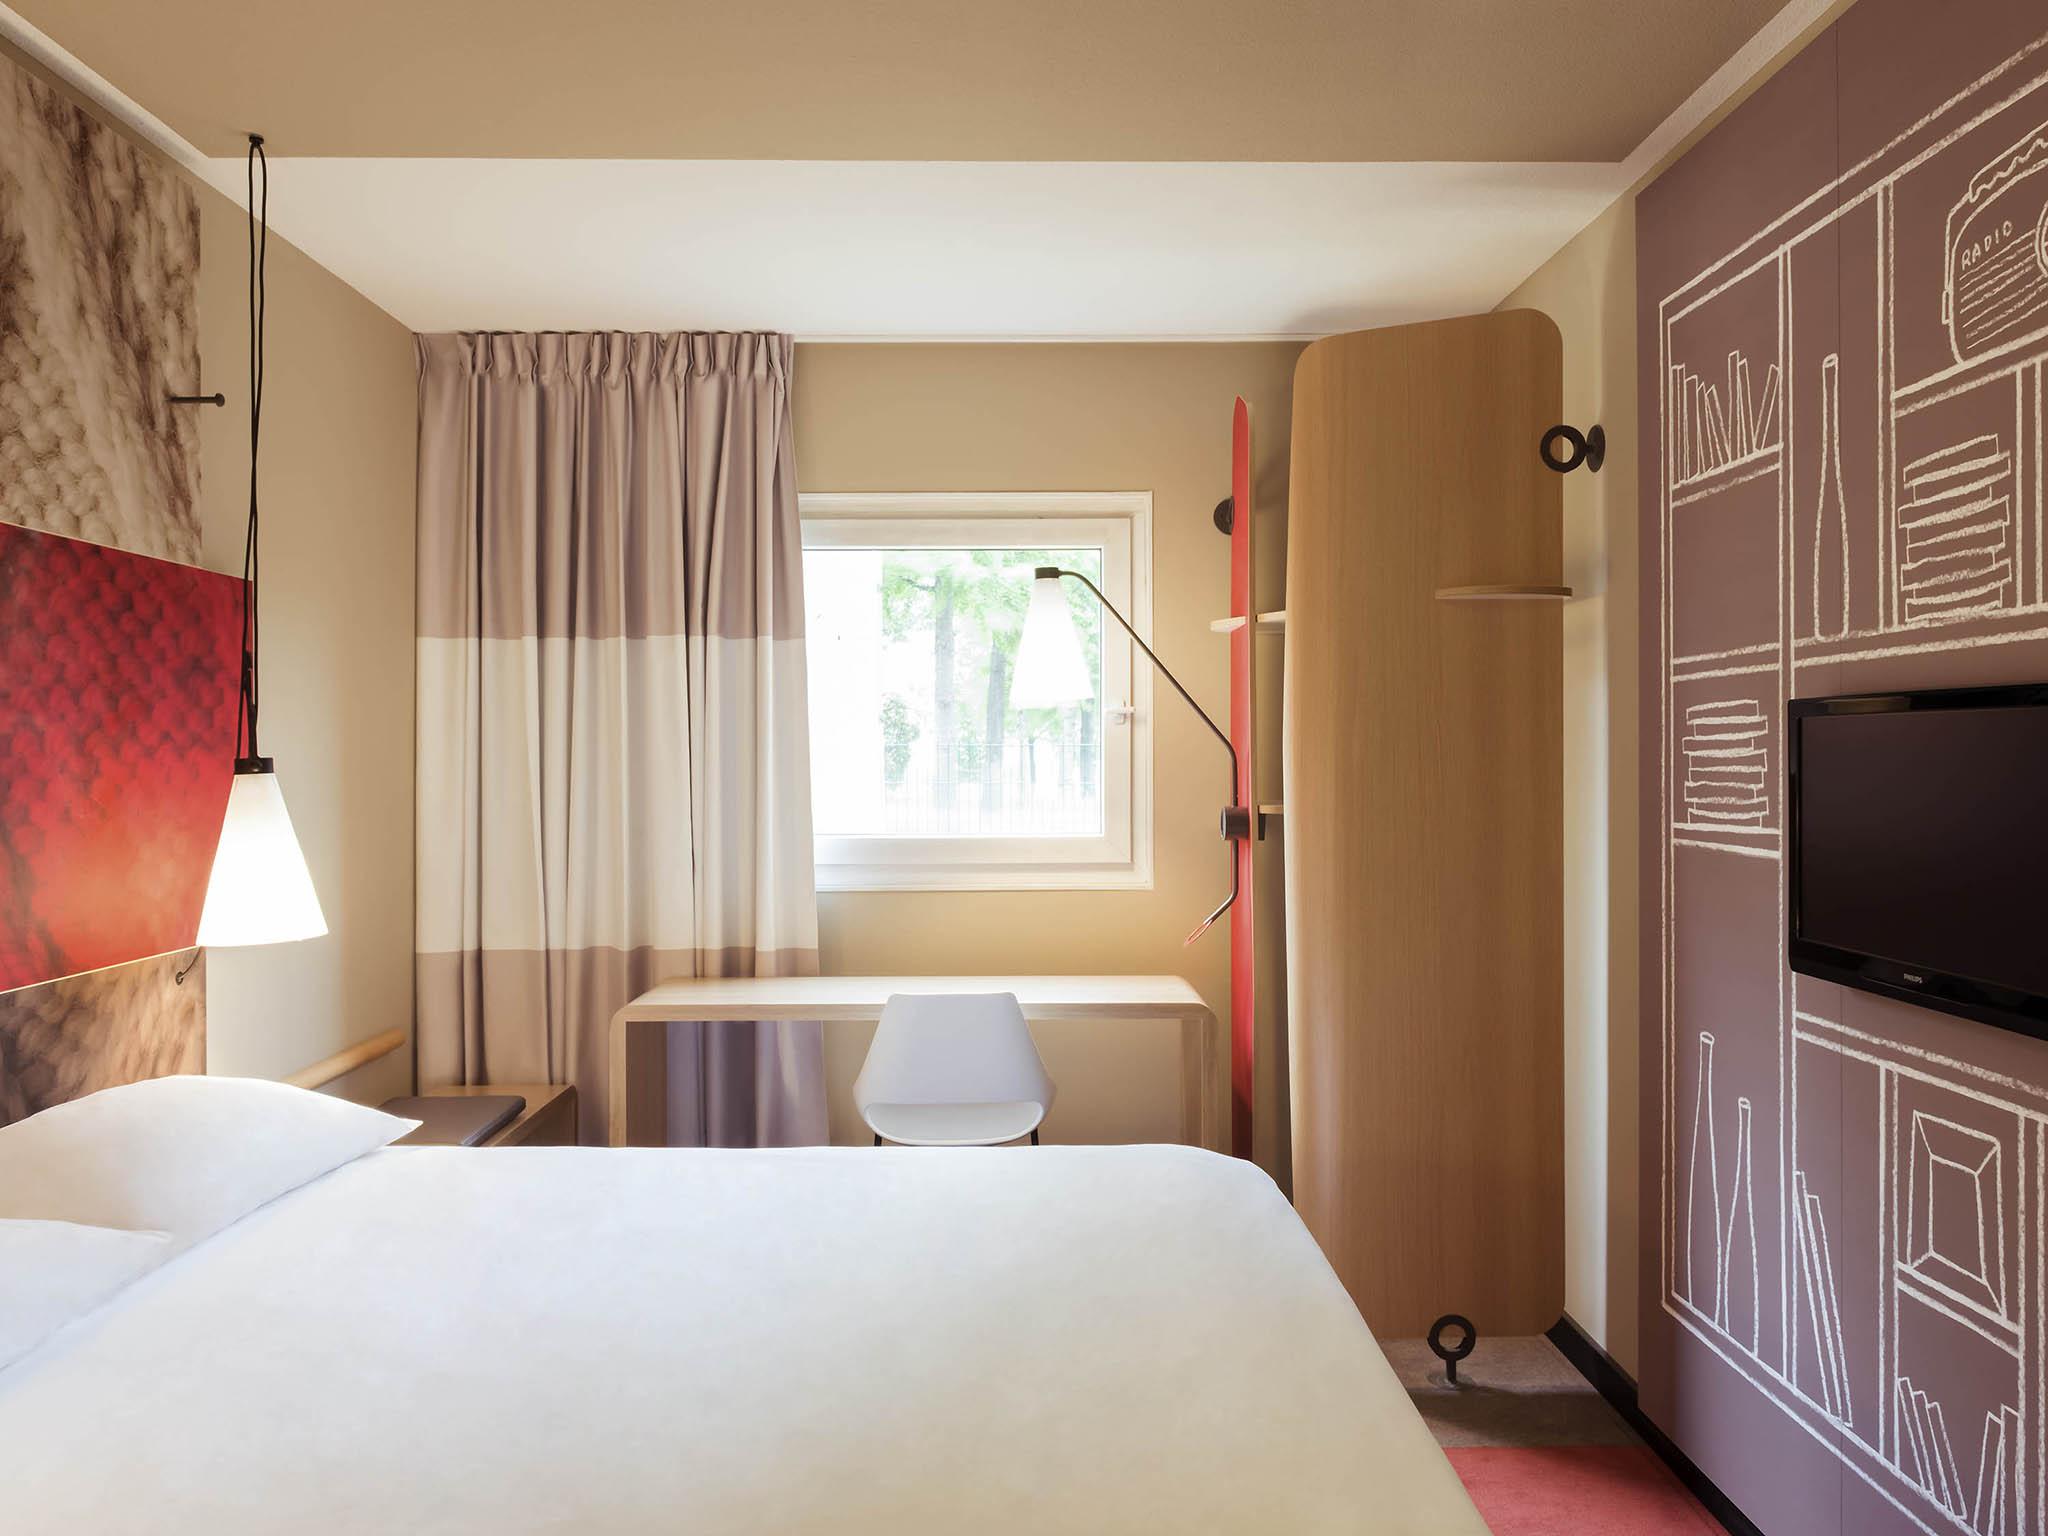 โรงแรม – ไอบิส เจนีวา เซ็นเตอร์ เลค